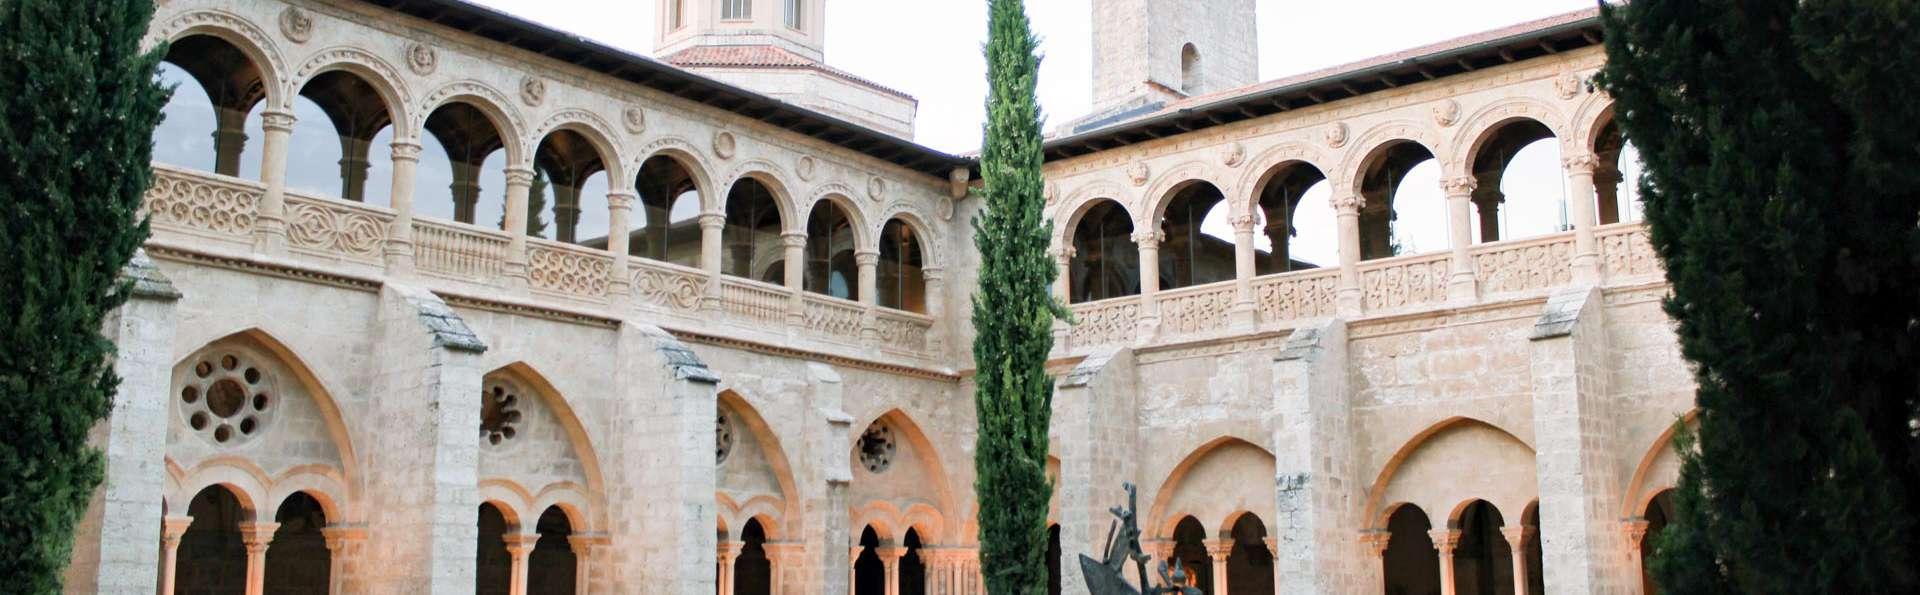 Castilla Termal Monasterio de Valbuena - EDIT_EXTERIOR_07.jpg